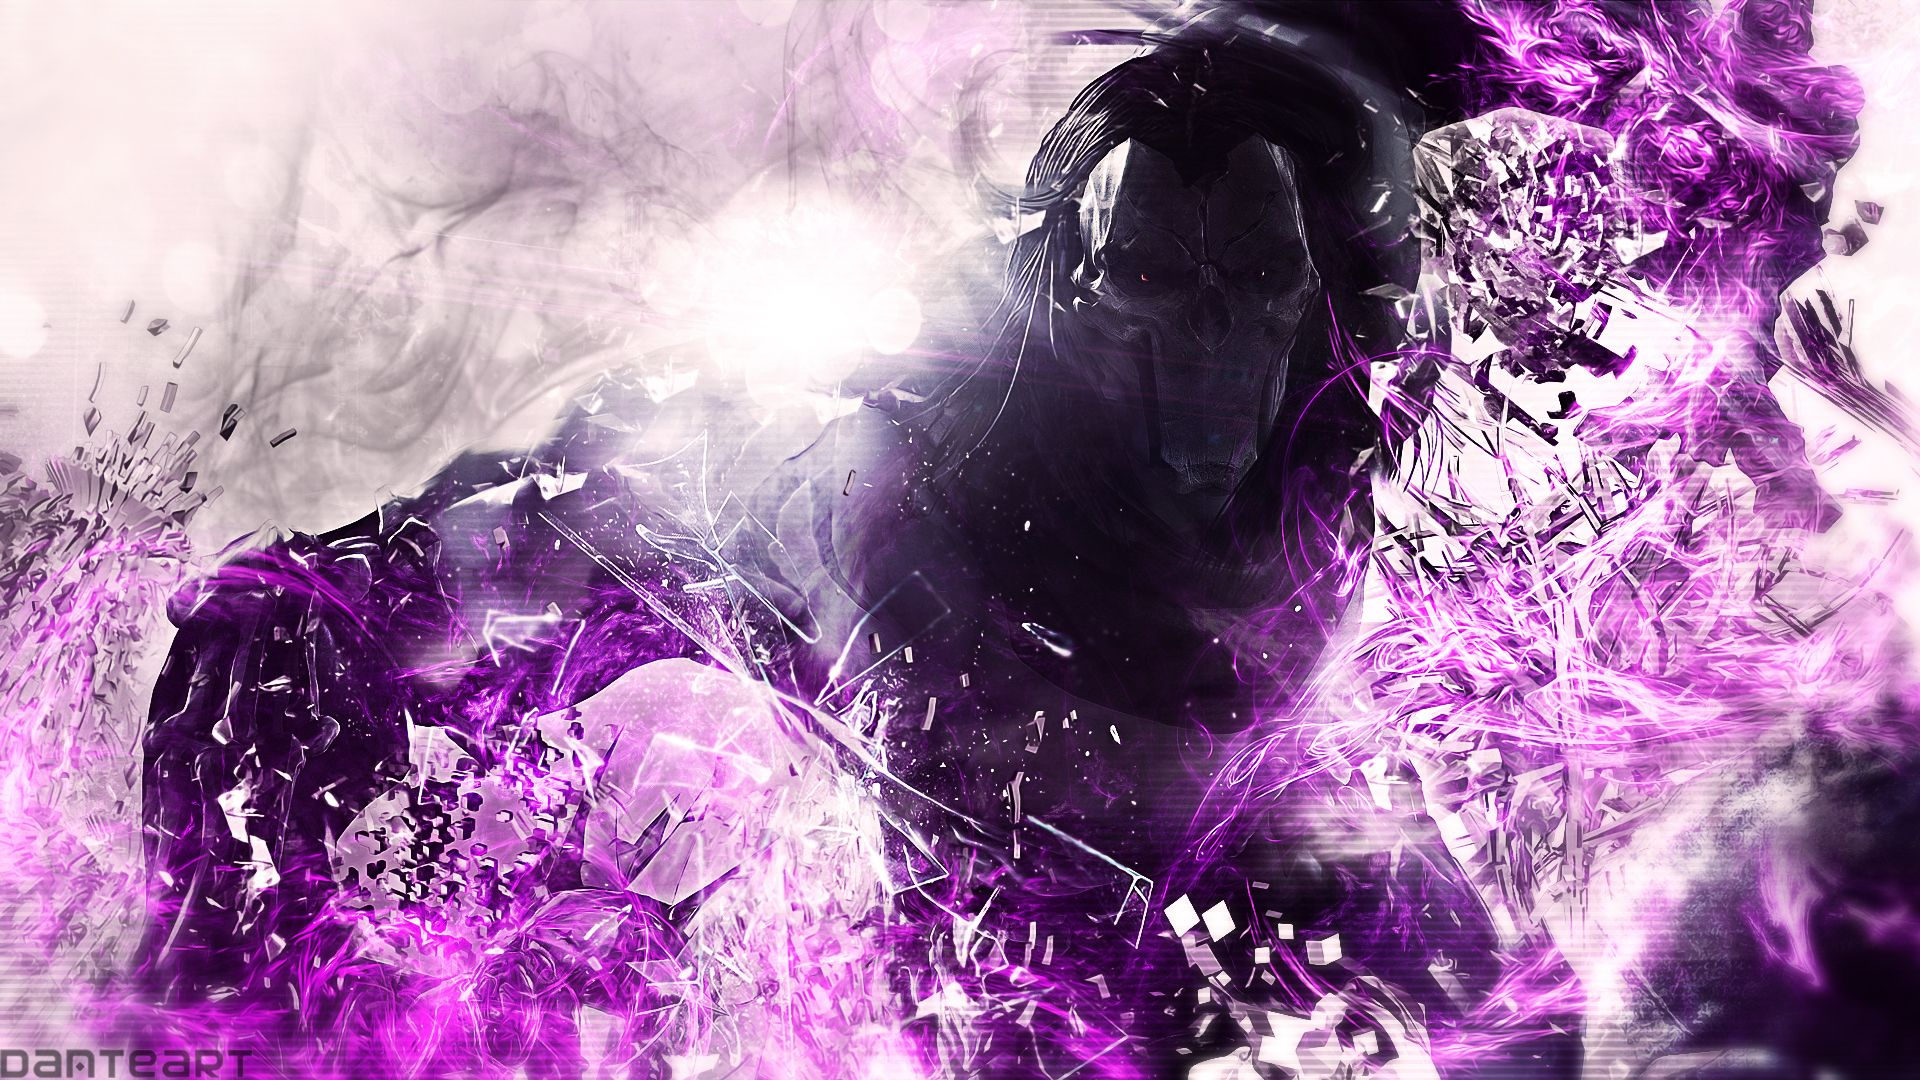 Darksiders 2-Death-Wallpaper-By DanteArt Download full size:http ...